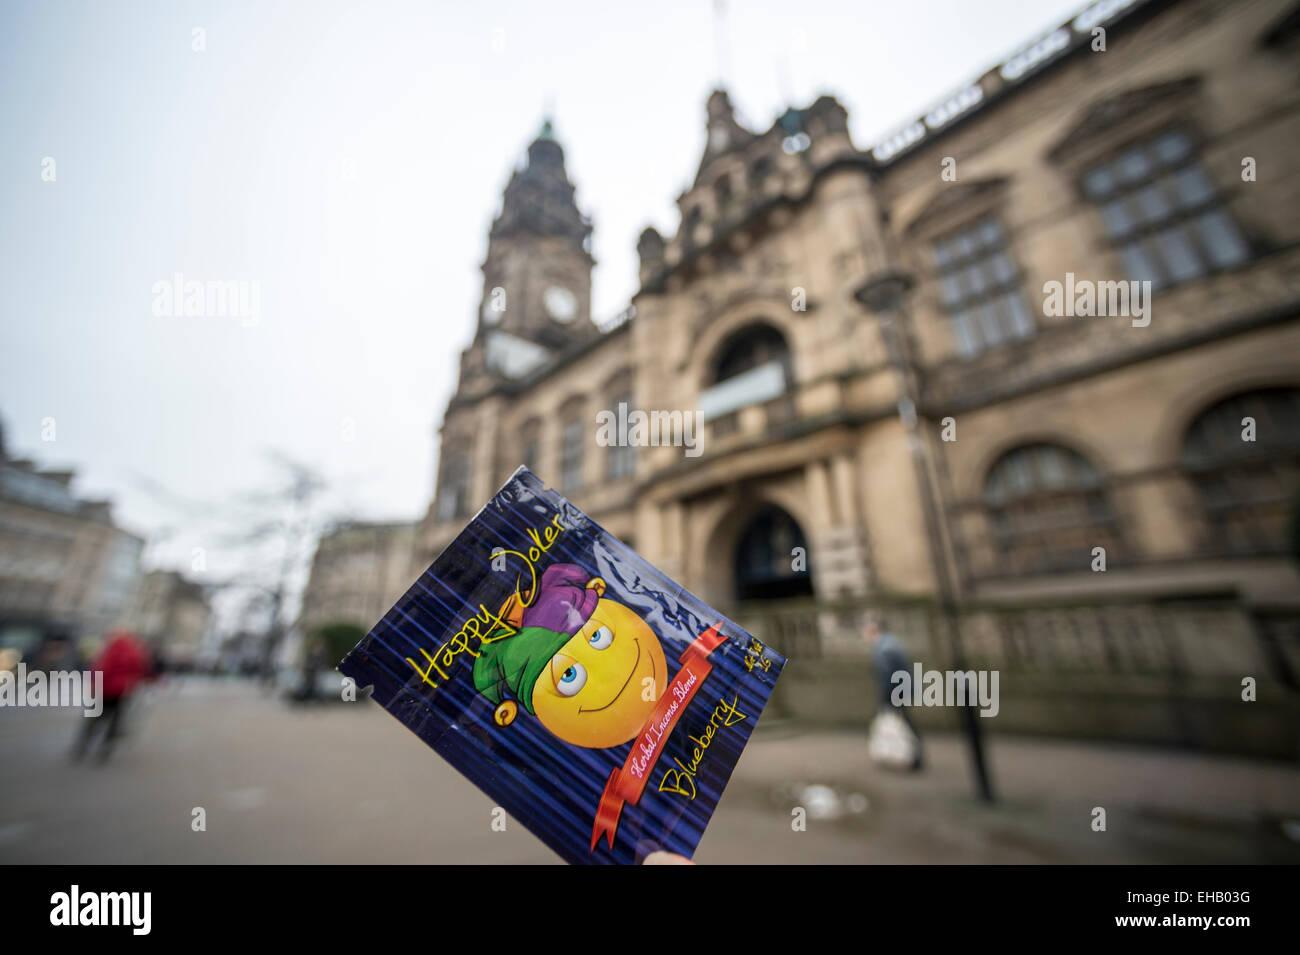 Heureux Joker, un haut lieu juridique devant l'hôtel de ville de Sheffield Banque D'Images